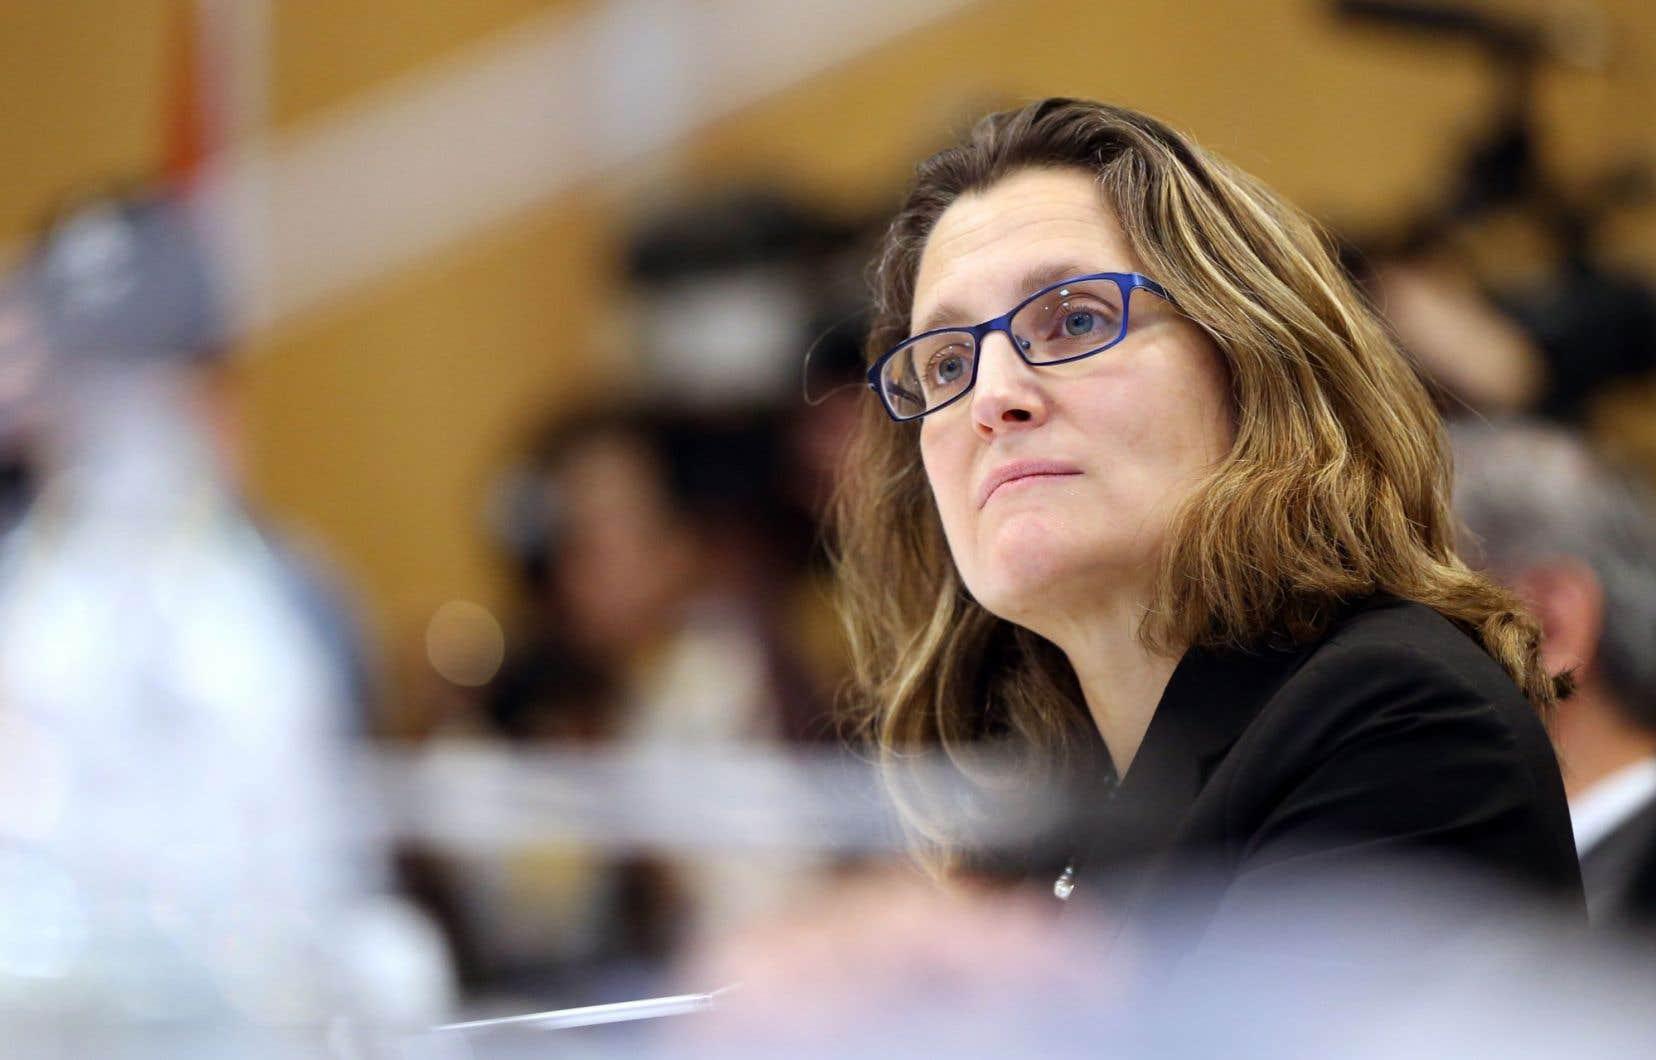 La ministre du Commerce international, Chrystia Freeland, est rentrée au Canada sans être parvenue à convaincre la Wallonie.